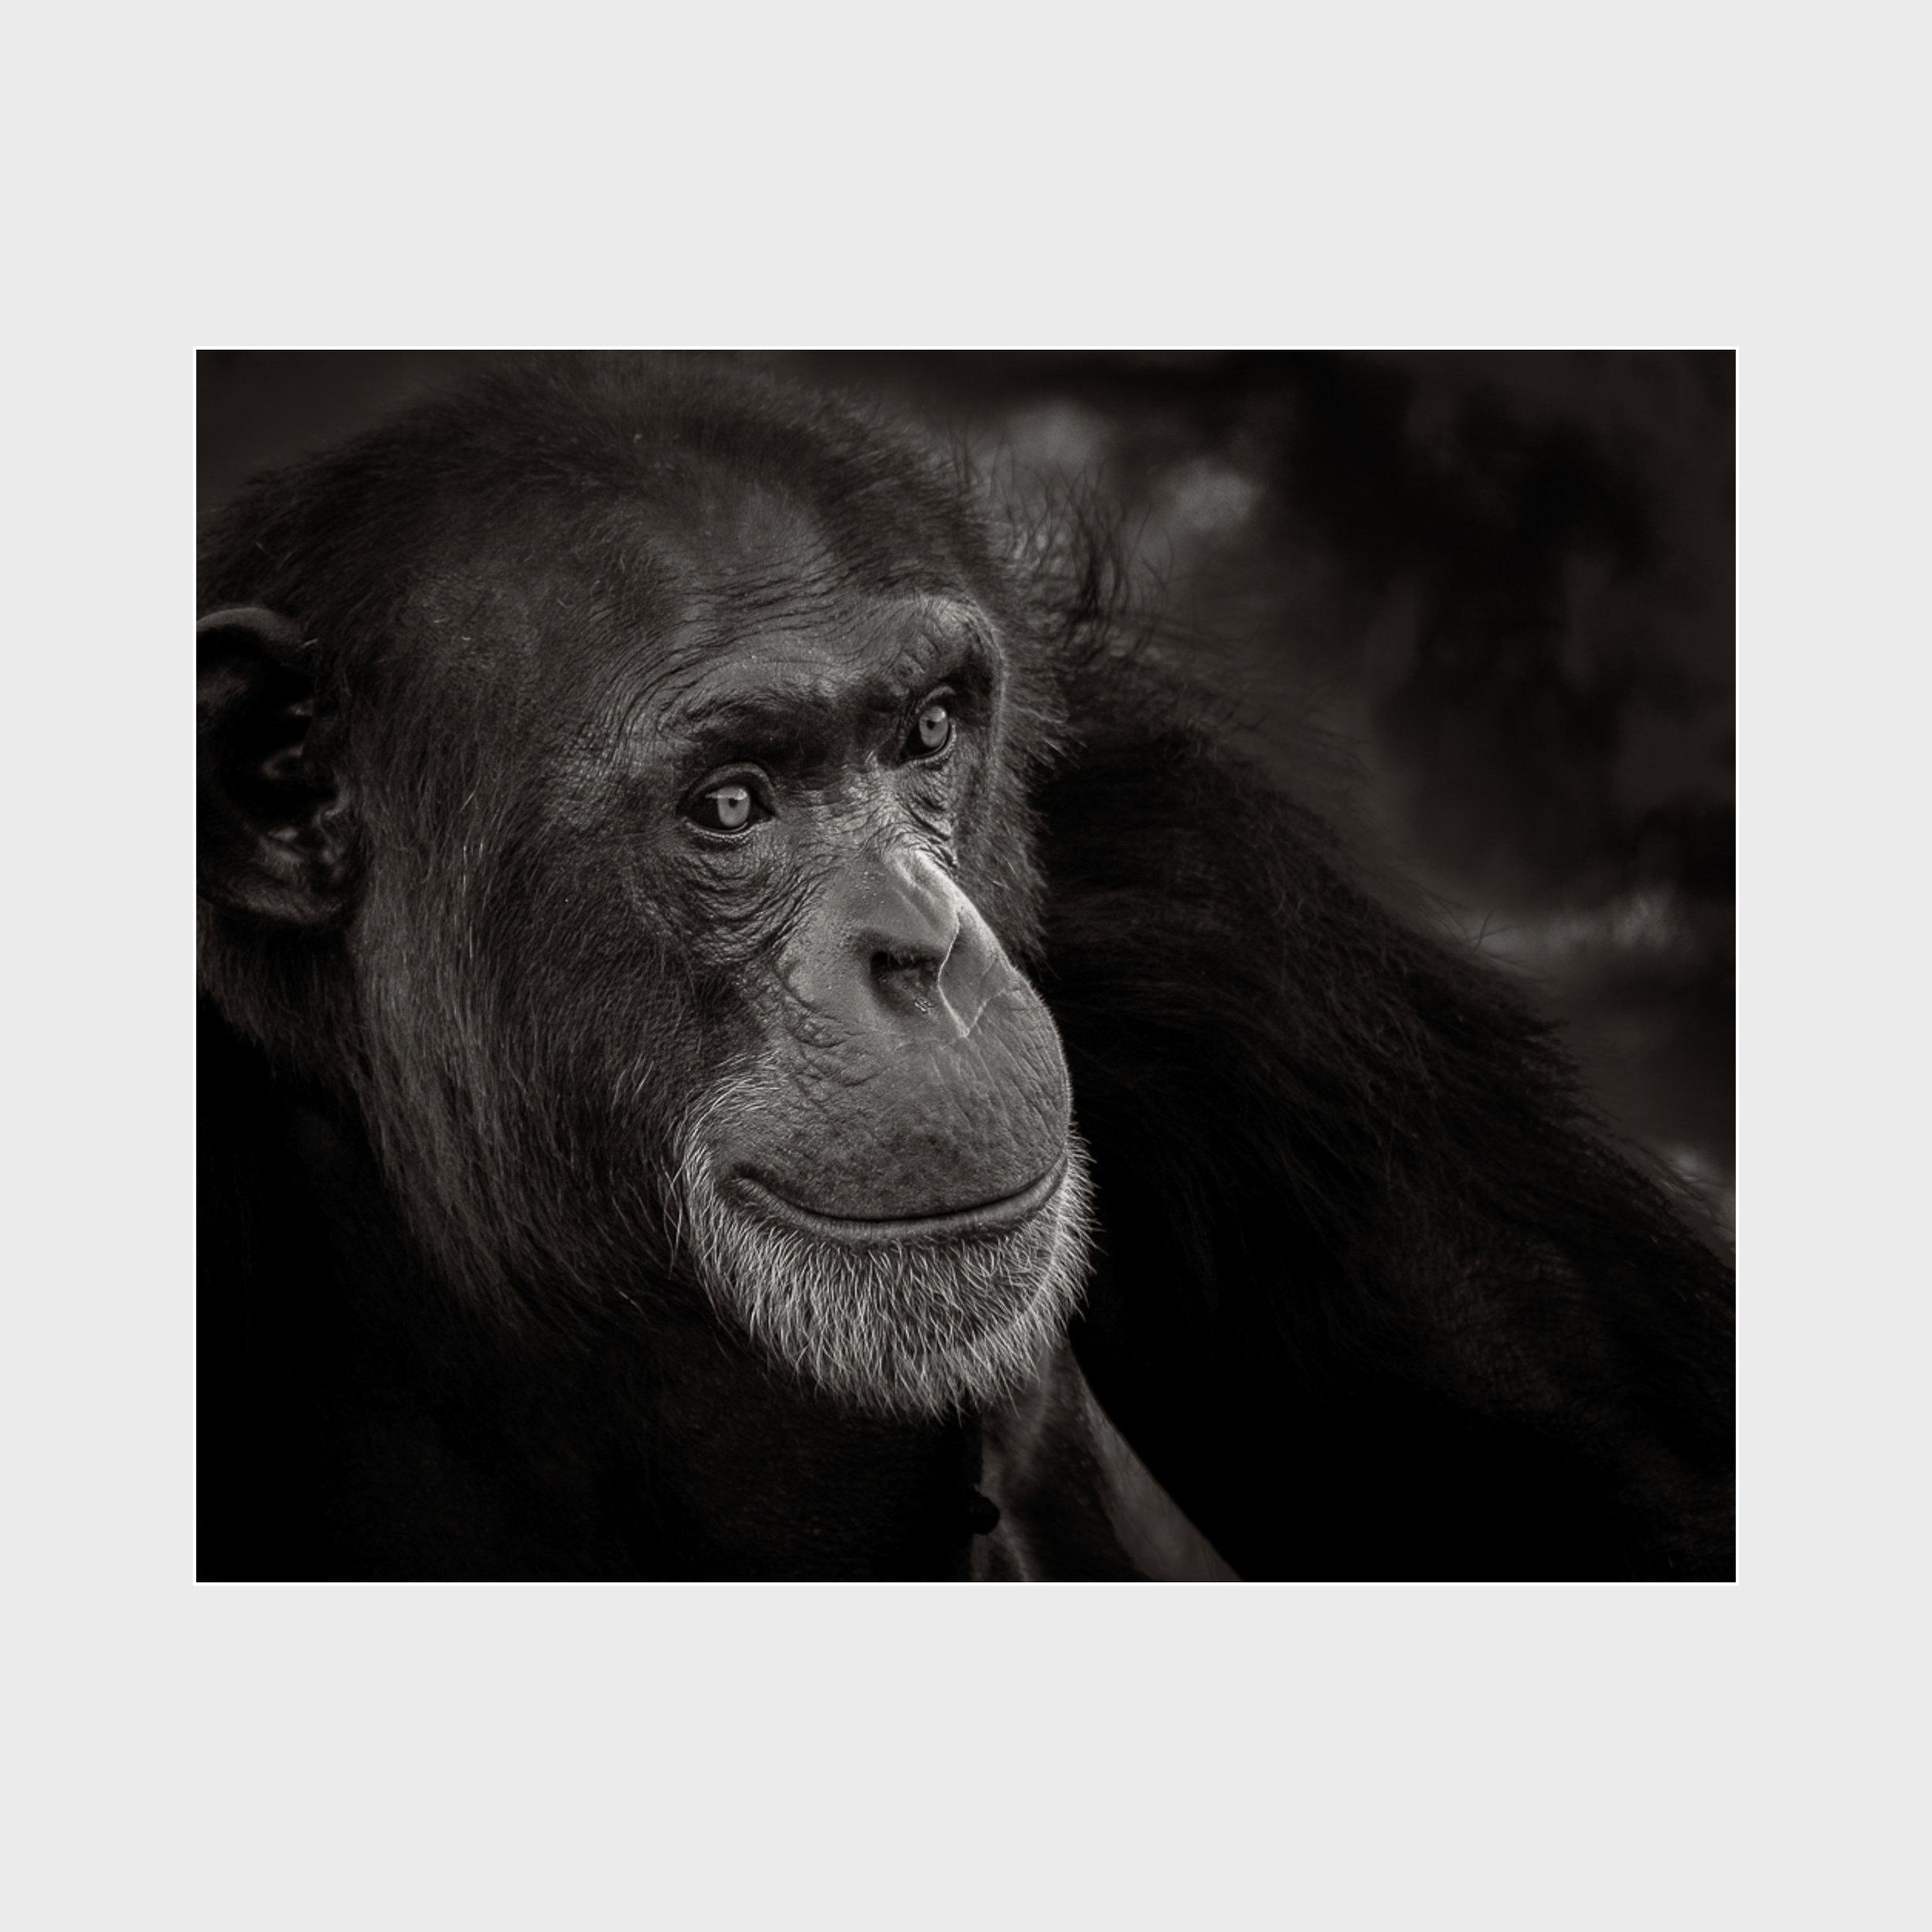 Chimpanzee-Award-3.jpg